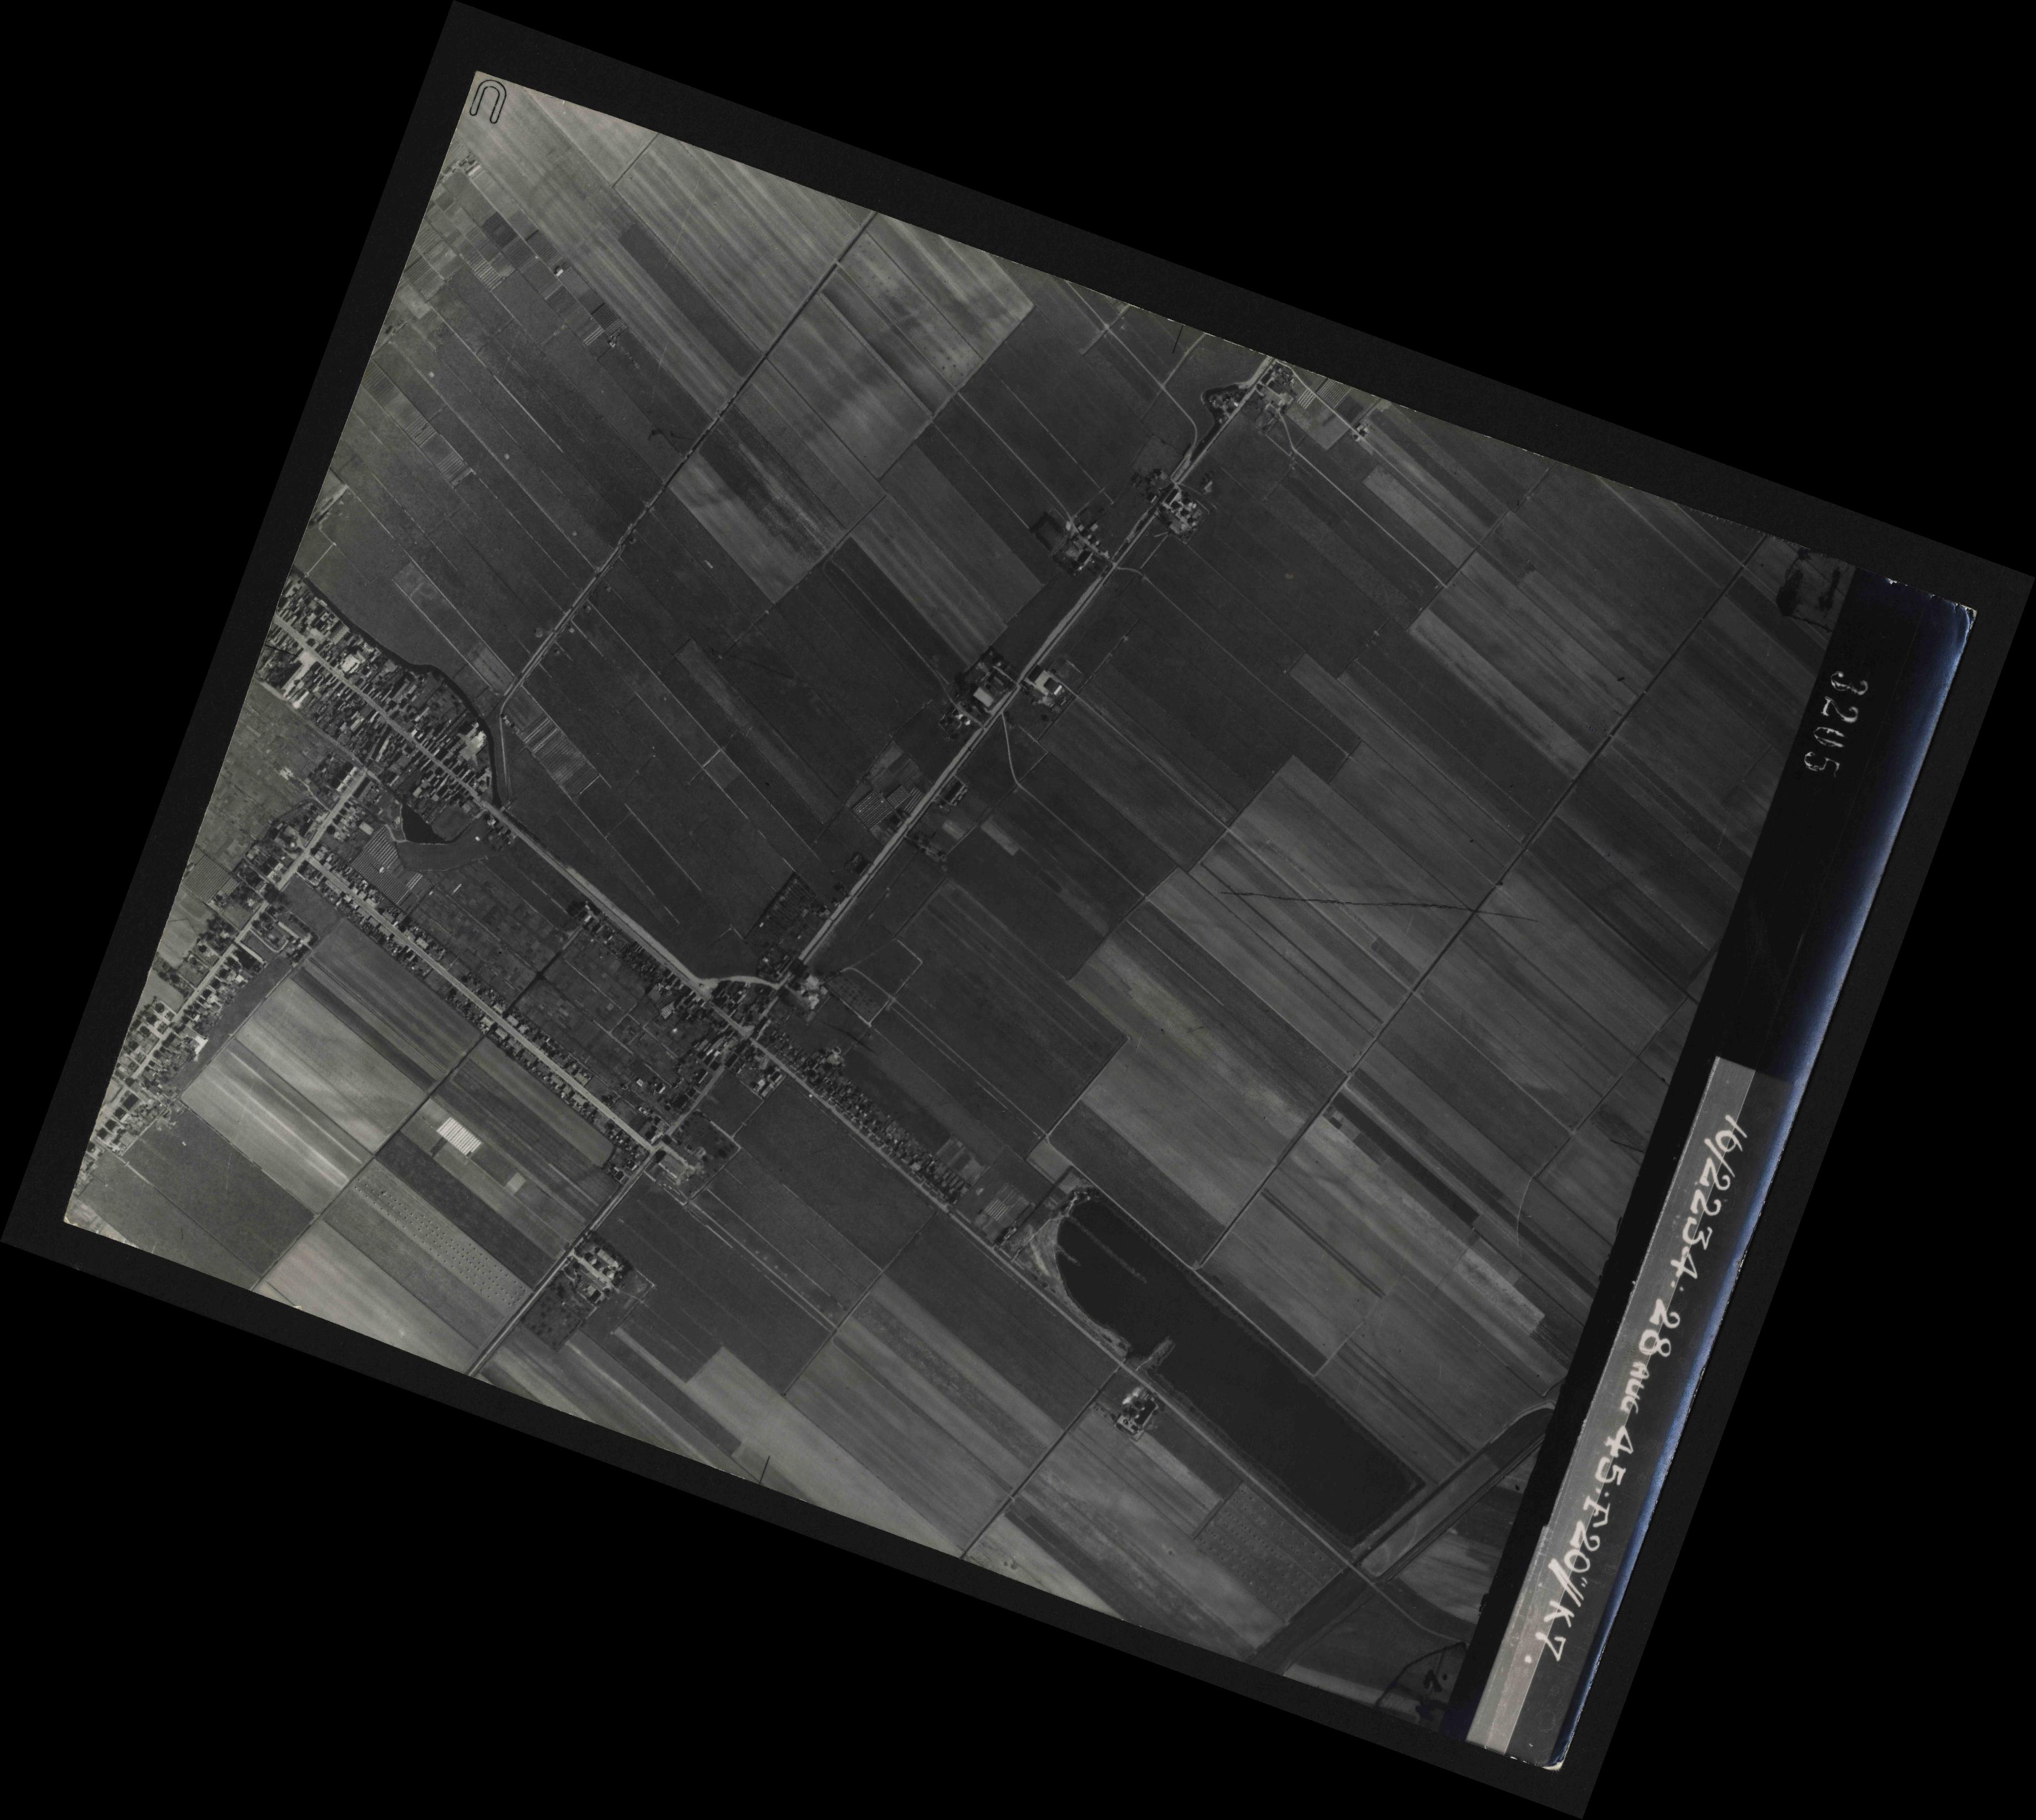 Collection RAF aerial photos 1940-1945 - flight 031, run 02, photo 3205